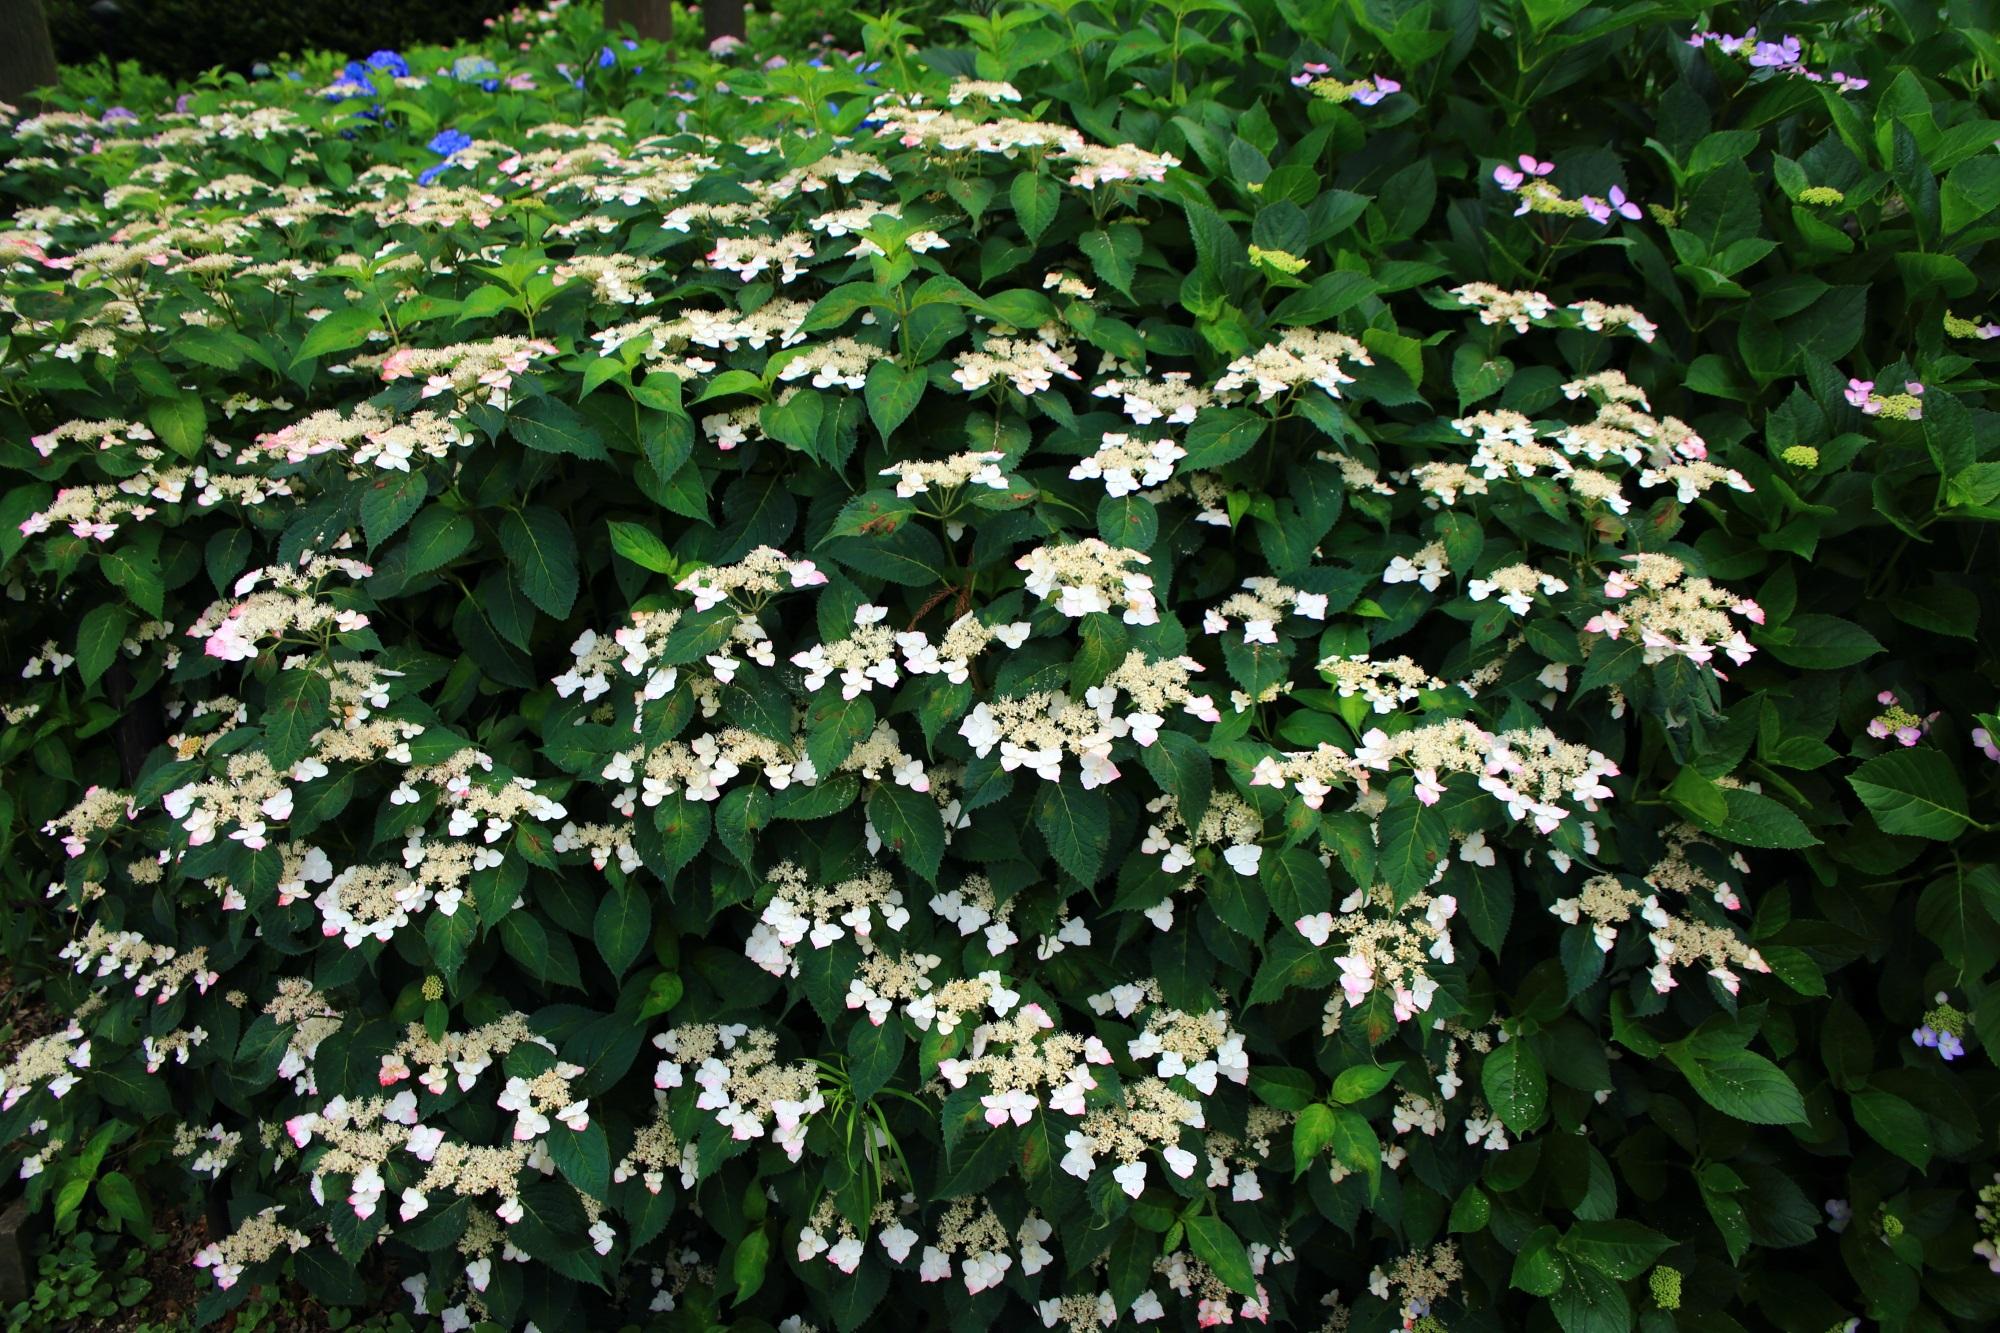 初夏の緑を華やぐ賑やかな白い額紫陽花